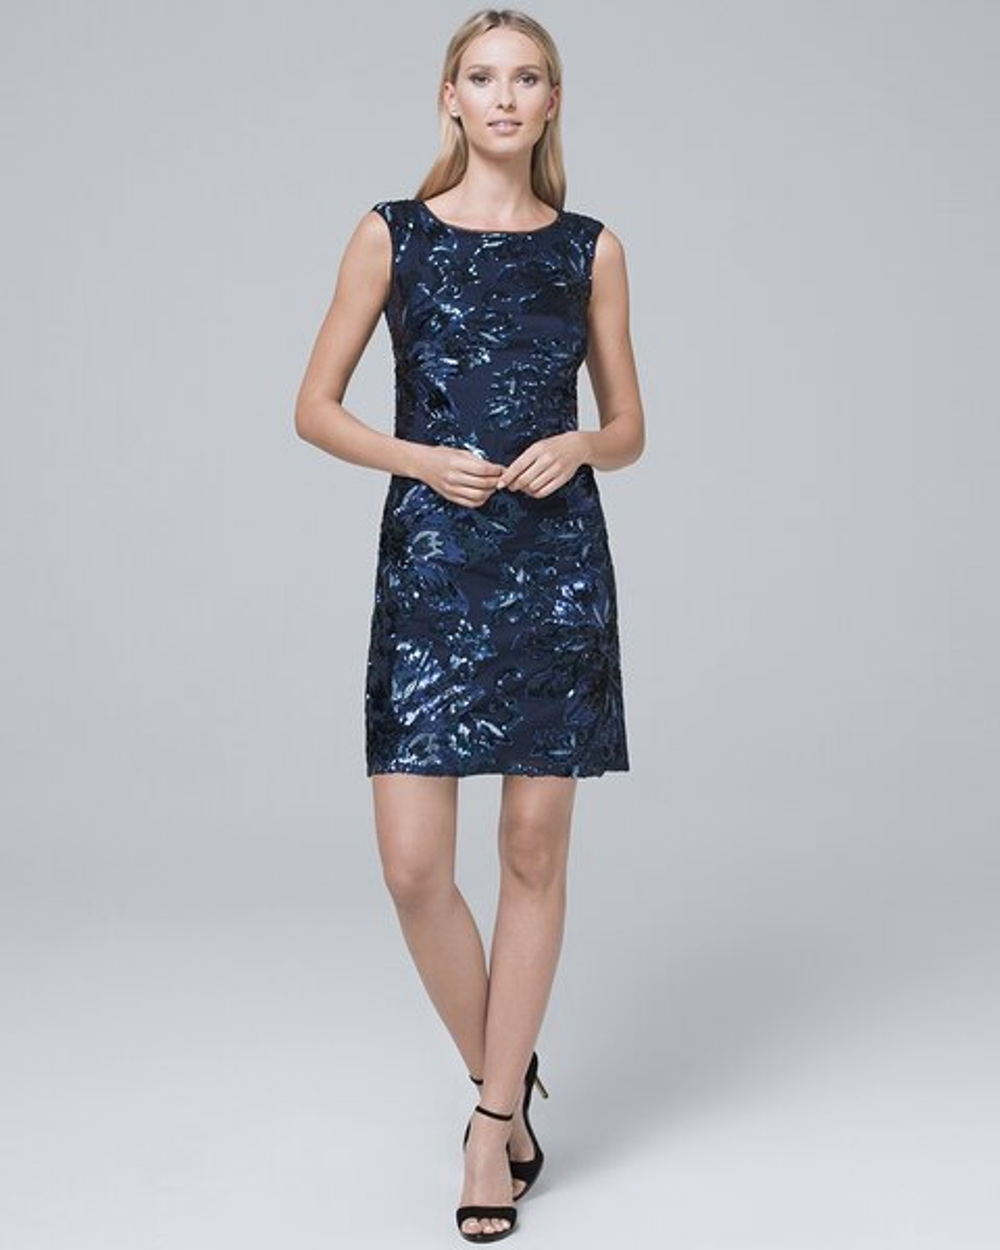 Sequin Detail Shift Dress White House Black Market